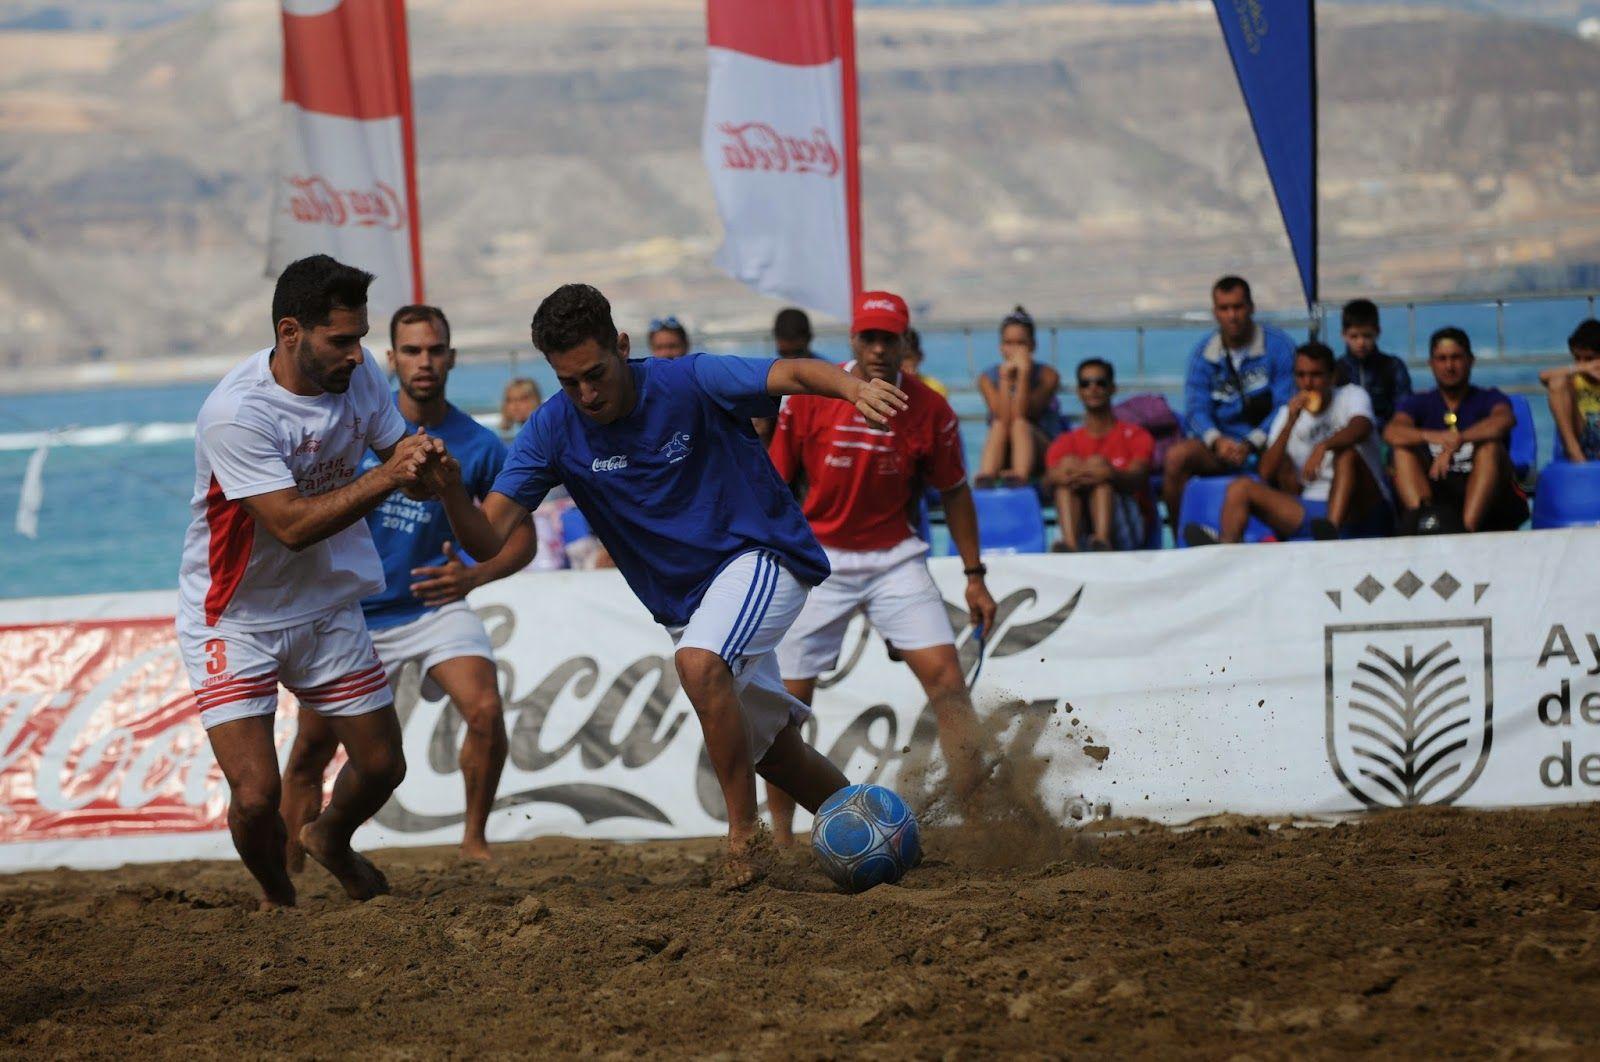 Tiempo De Deporte Las Canteras Espera A Su Campeón De Fútbol Playa Futbol Playa Campeones Fútbol